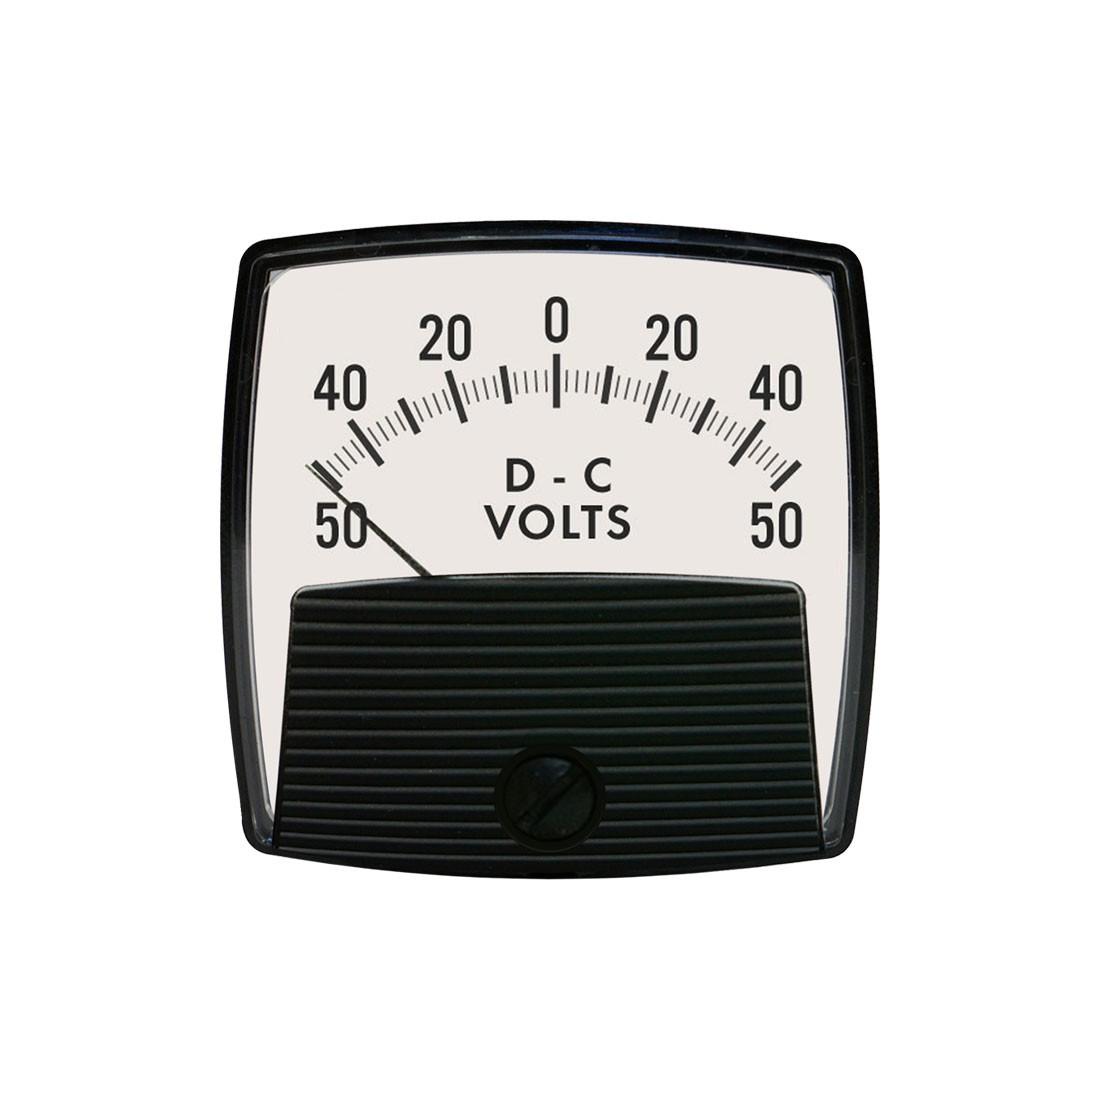 5015 DC Analog Panel Meter - Front View